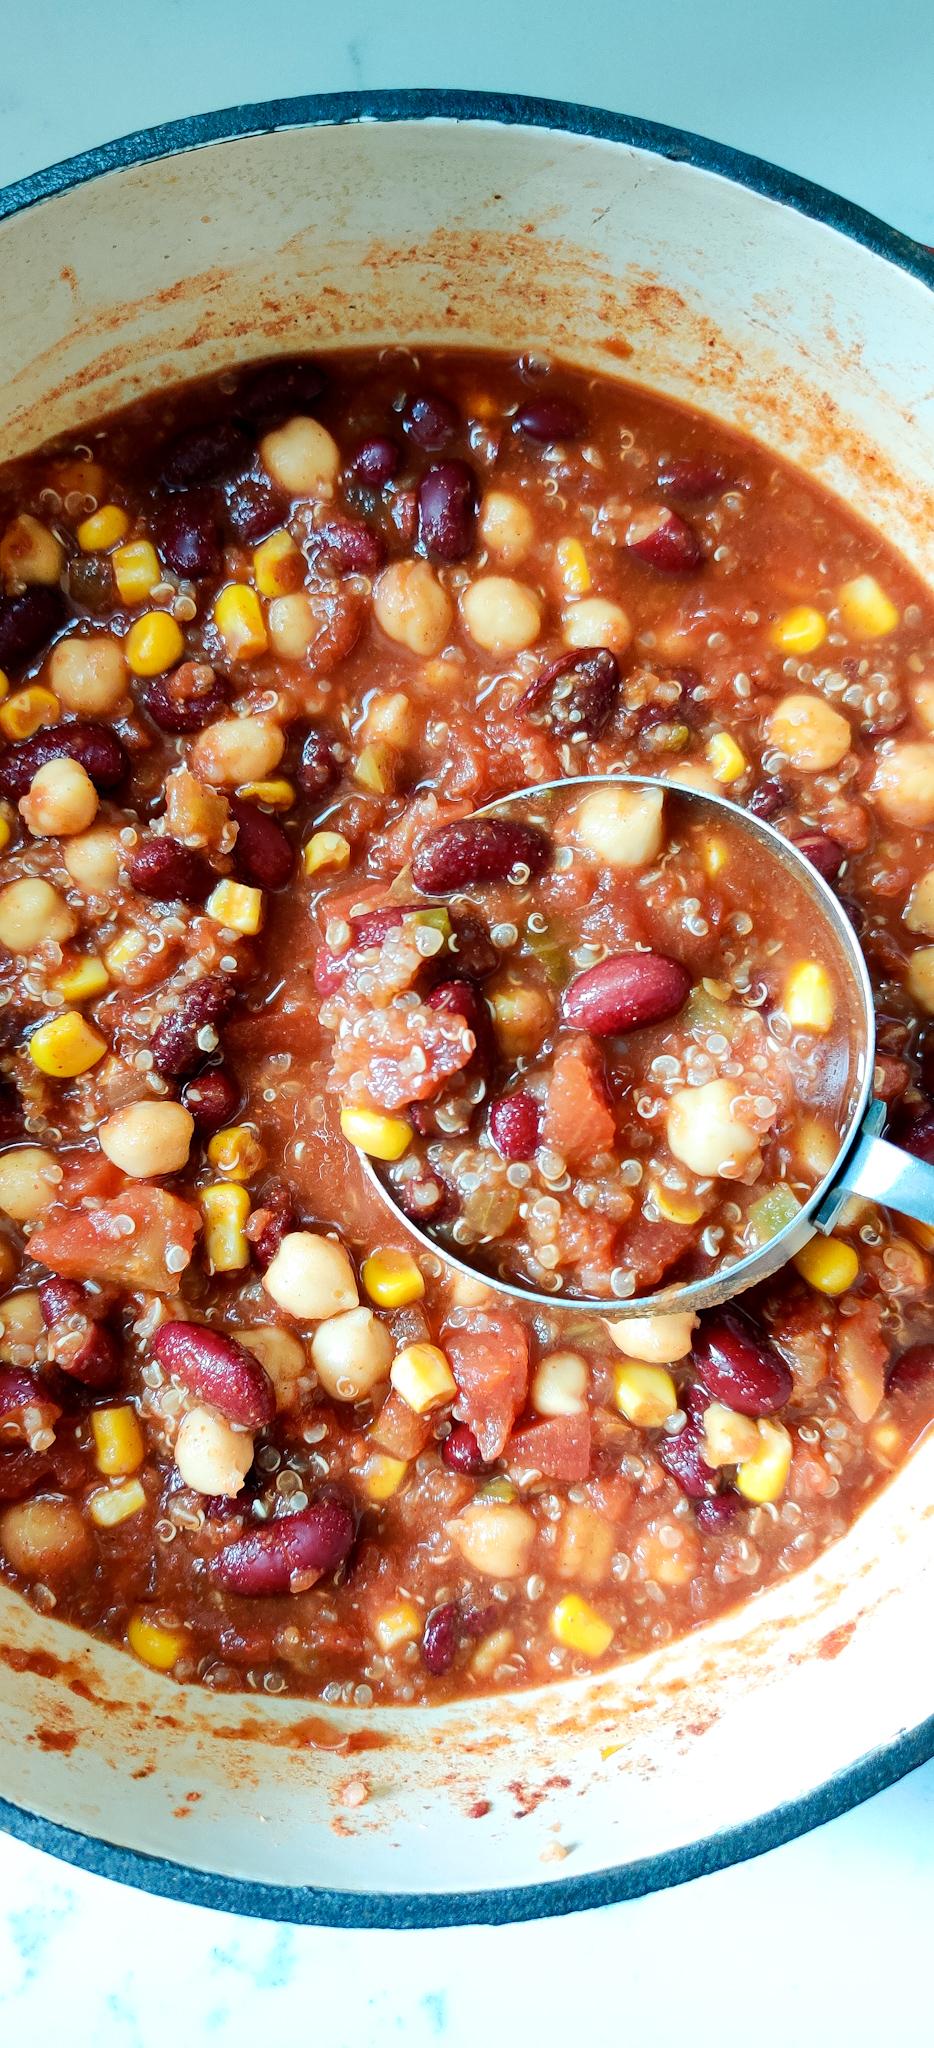 Gorbanzo Bean and Quinoa Chili